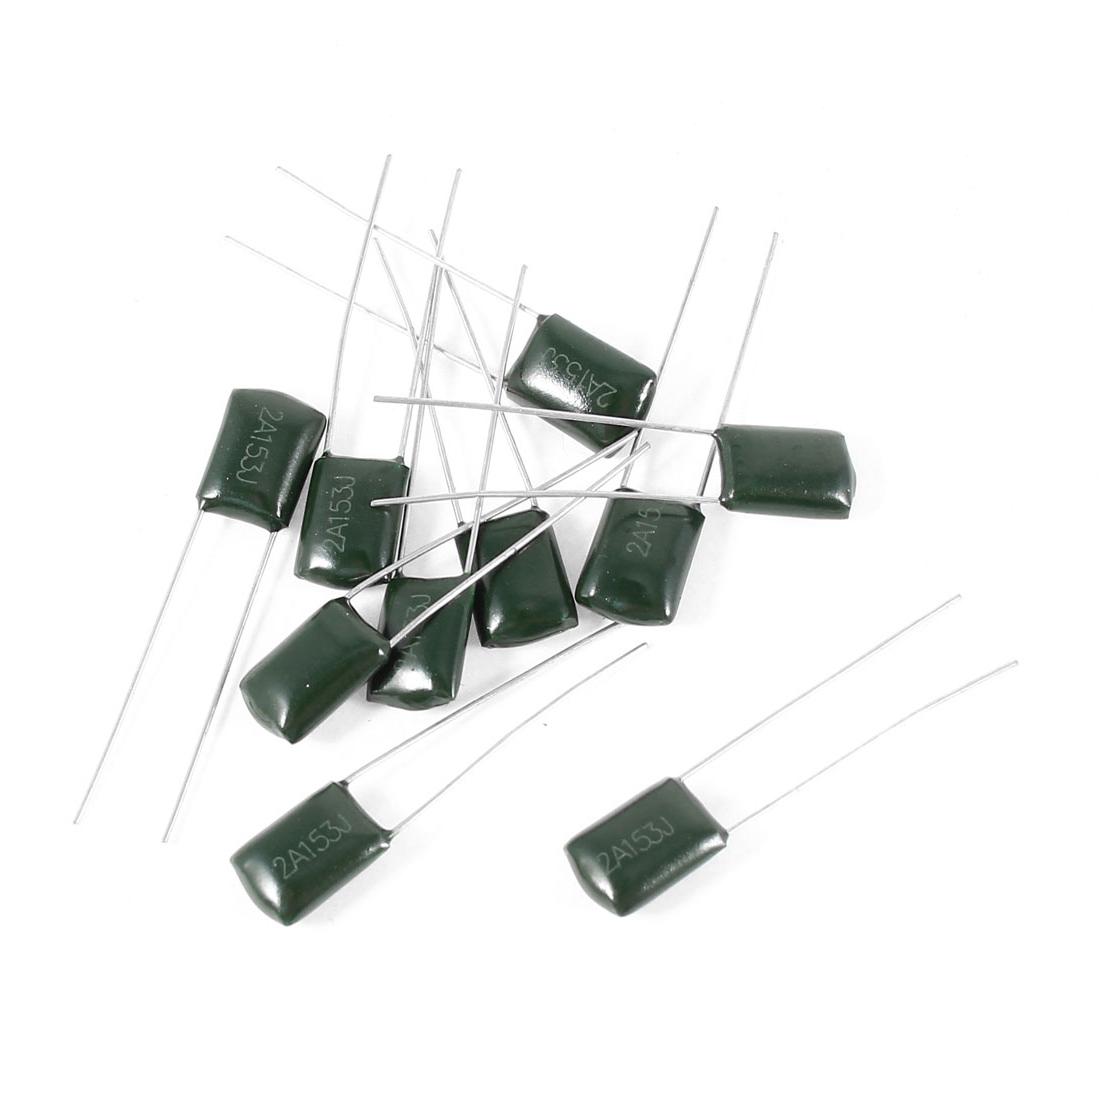 10 Pcs 2A153J 100V 15000pF 5% Mylar Cap Polyester Film Capacitors